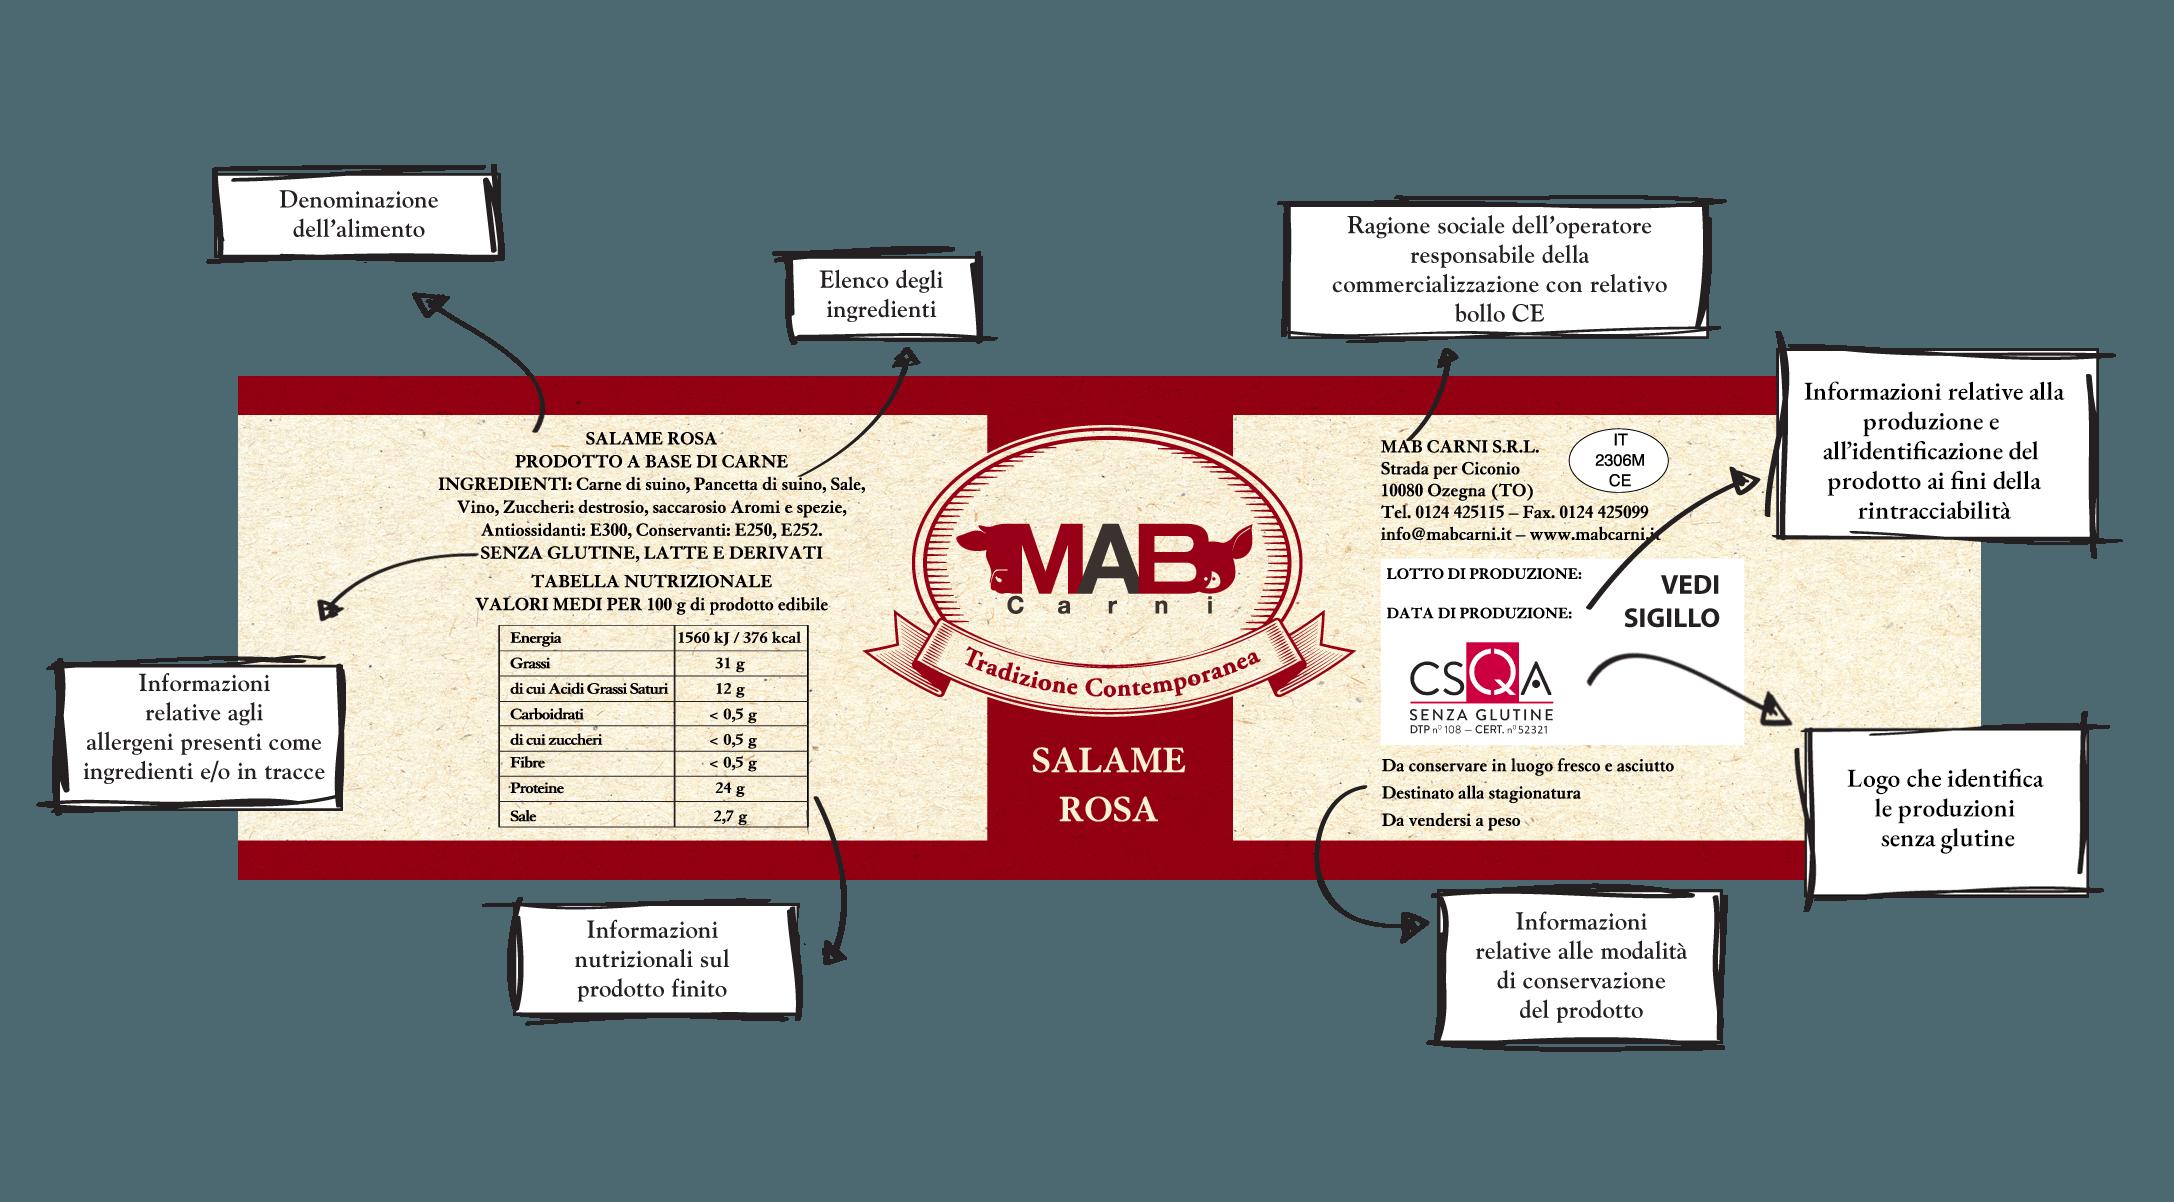 etichetta mab con valori nutrizionali certificati contatti